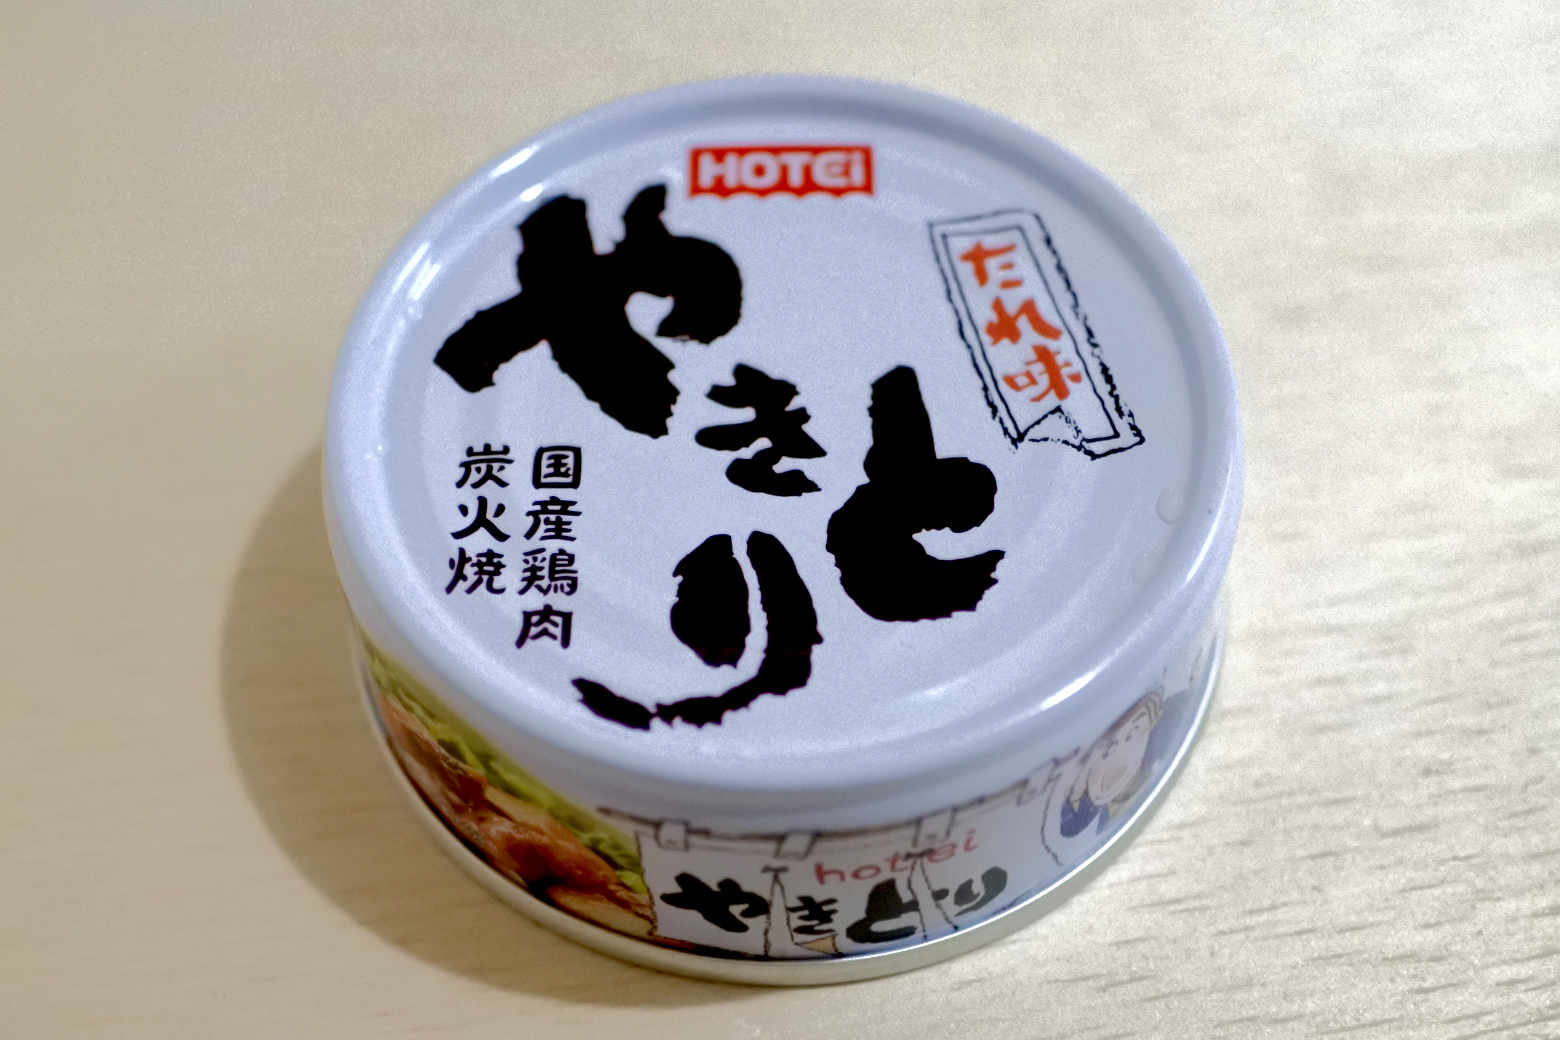 ホテイの『やきとり』を食べたら、ついつい昔を思い出しました【缶詰】